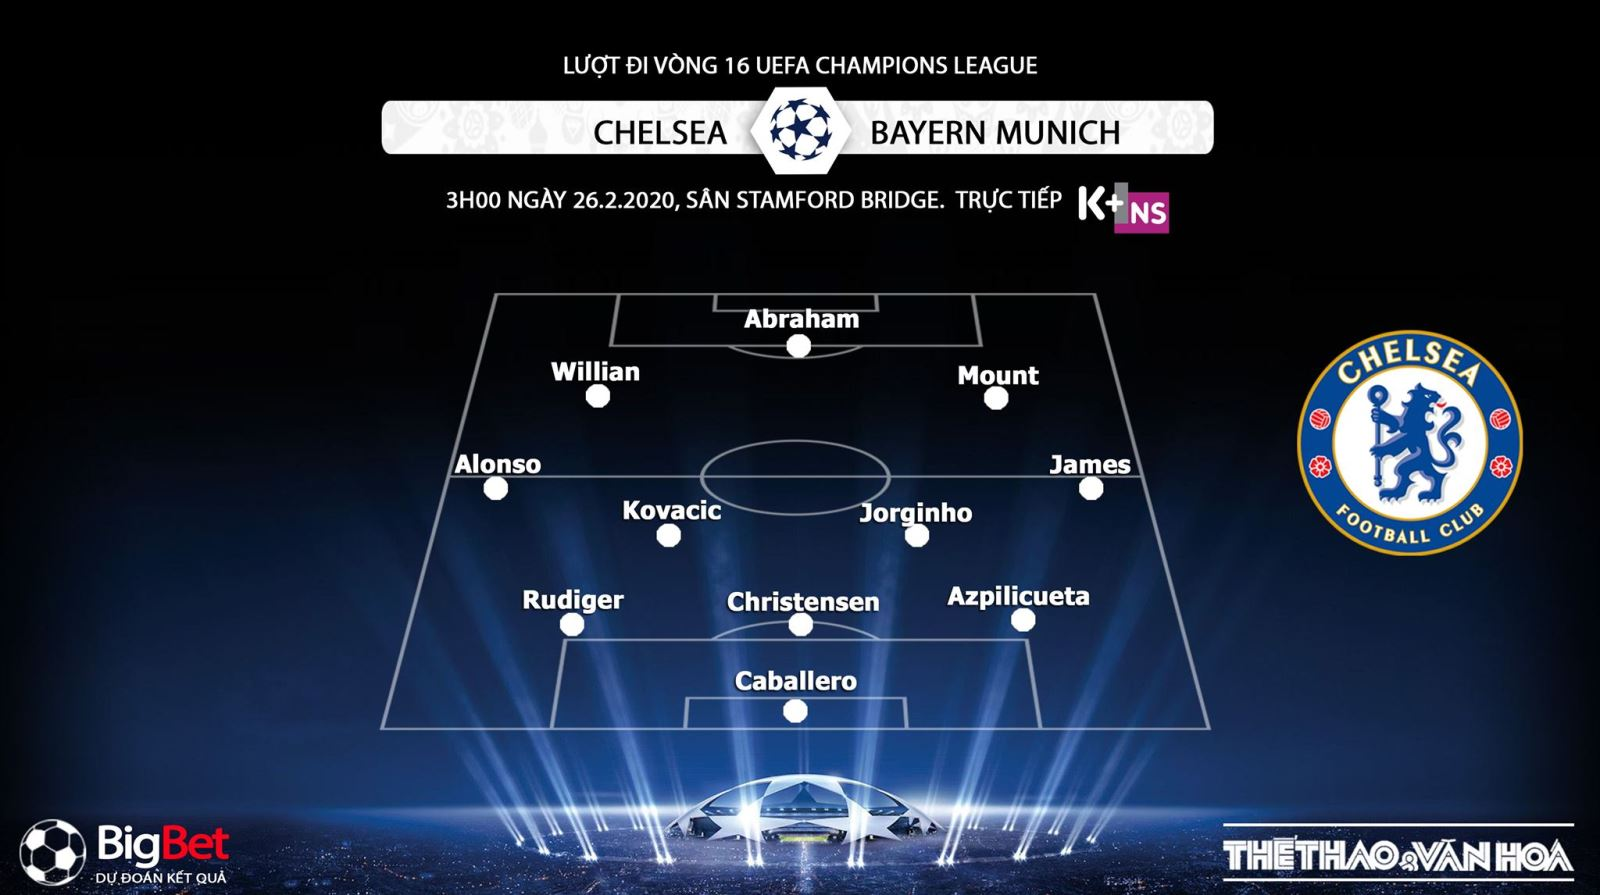 Chelsea vs Bayern Munich, Chelsea, Bayern Munich, bóng đá, bong da, soi kèo Chelsea vs Bayern Munich, trực tiếp Chelsea vs Bayern Munich, K+, K+PM, K+PC, trực tiếp bóng đá